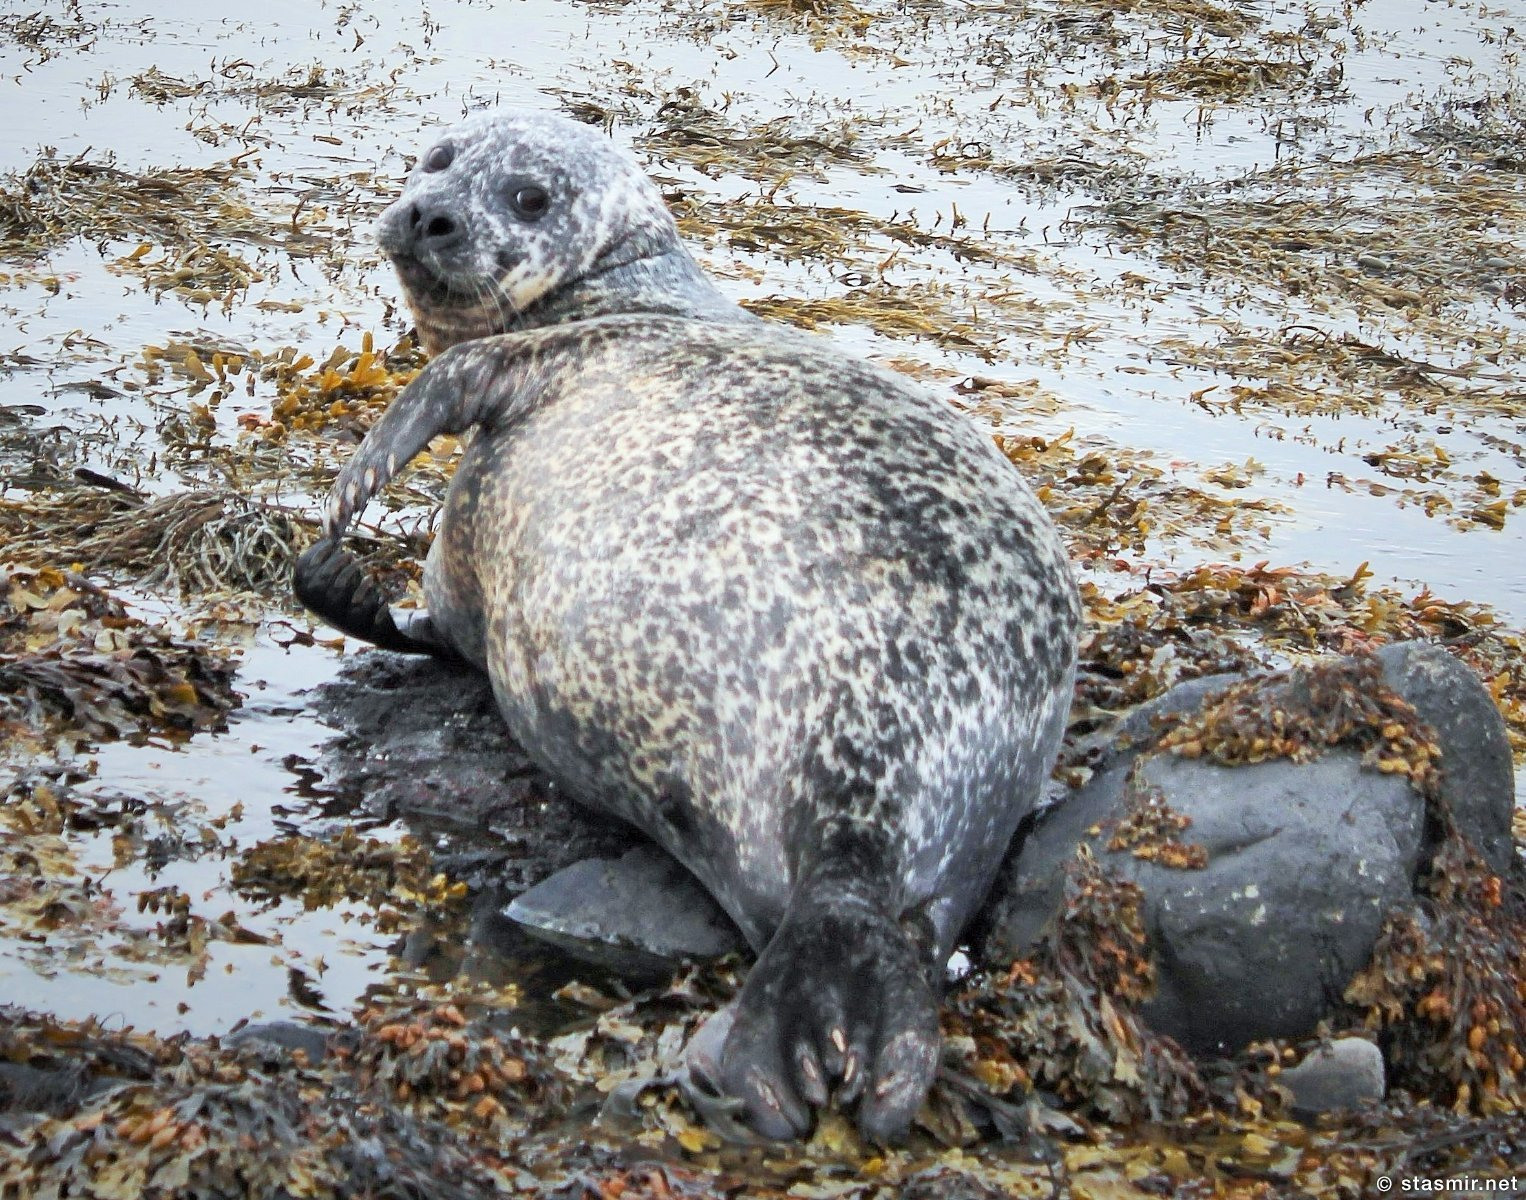 Útselur, Длинномордый тюлень в Западной Исландии, нерпы, котики, моржи, полуостров Снайфедльснес, фото Стасмир, Photo Stasmir